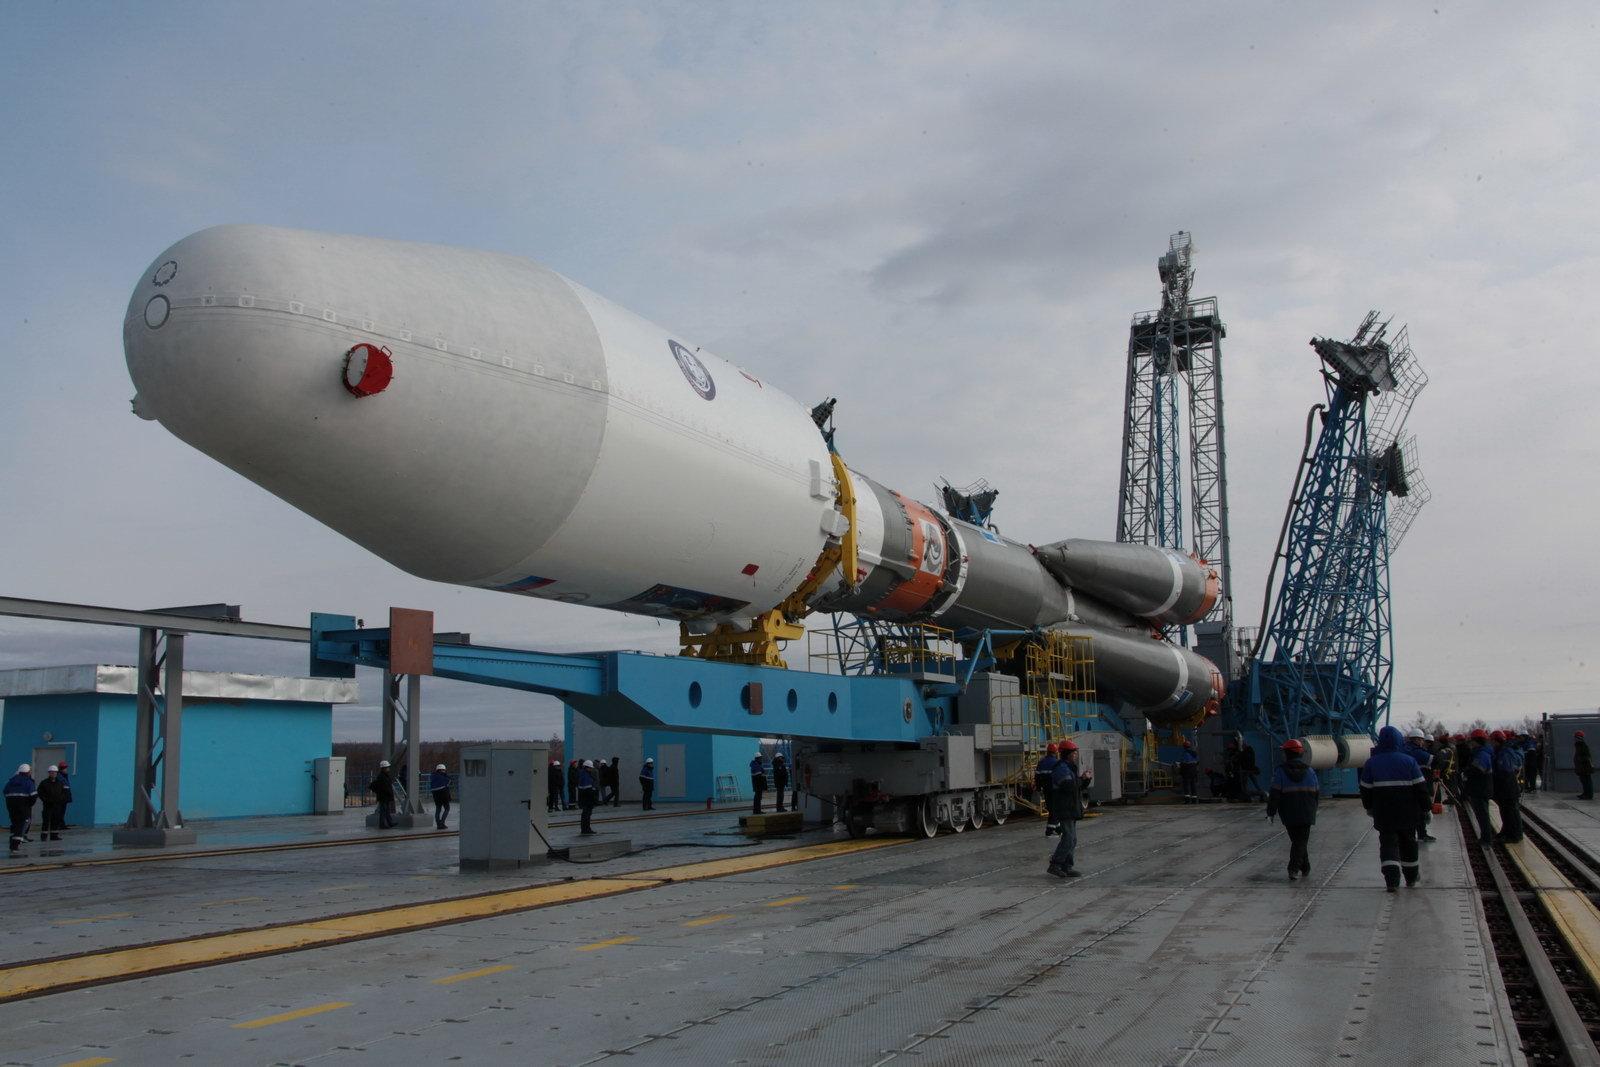 На космодроме Восточный установили ракету-носитель «Союз 2.1а» для первого запуска - 9